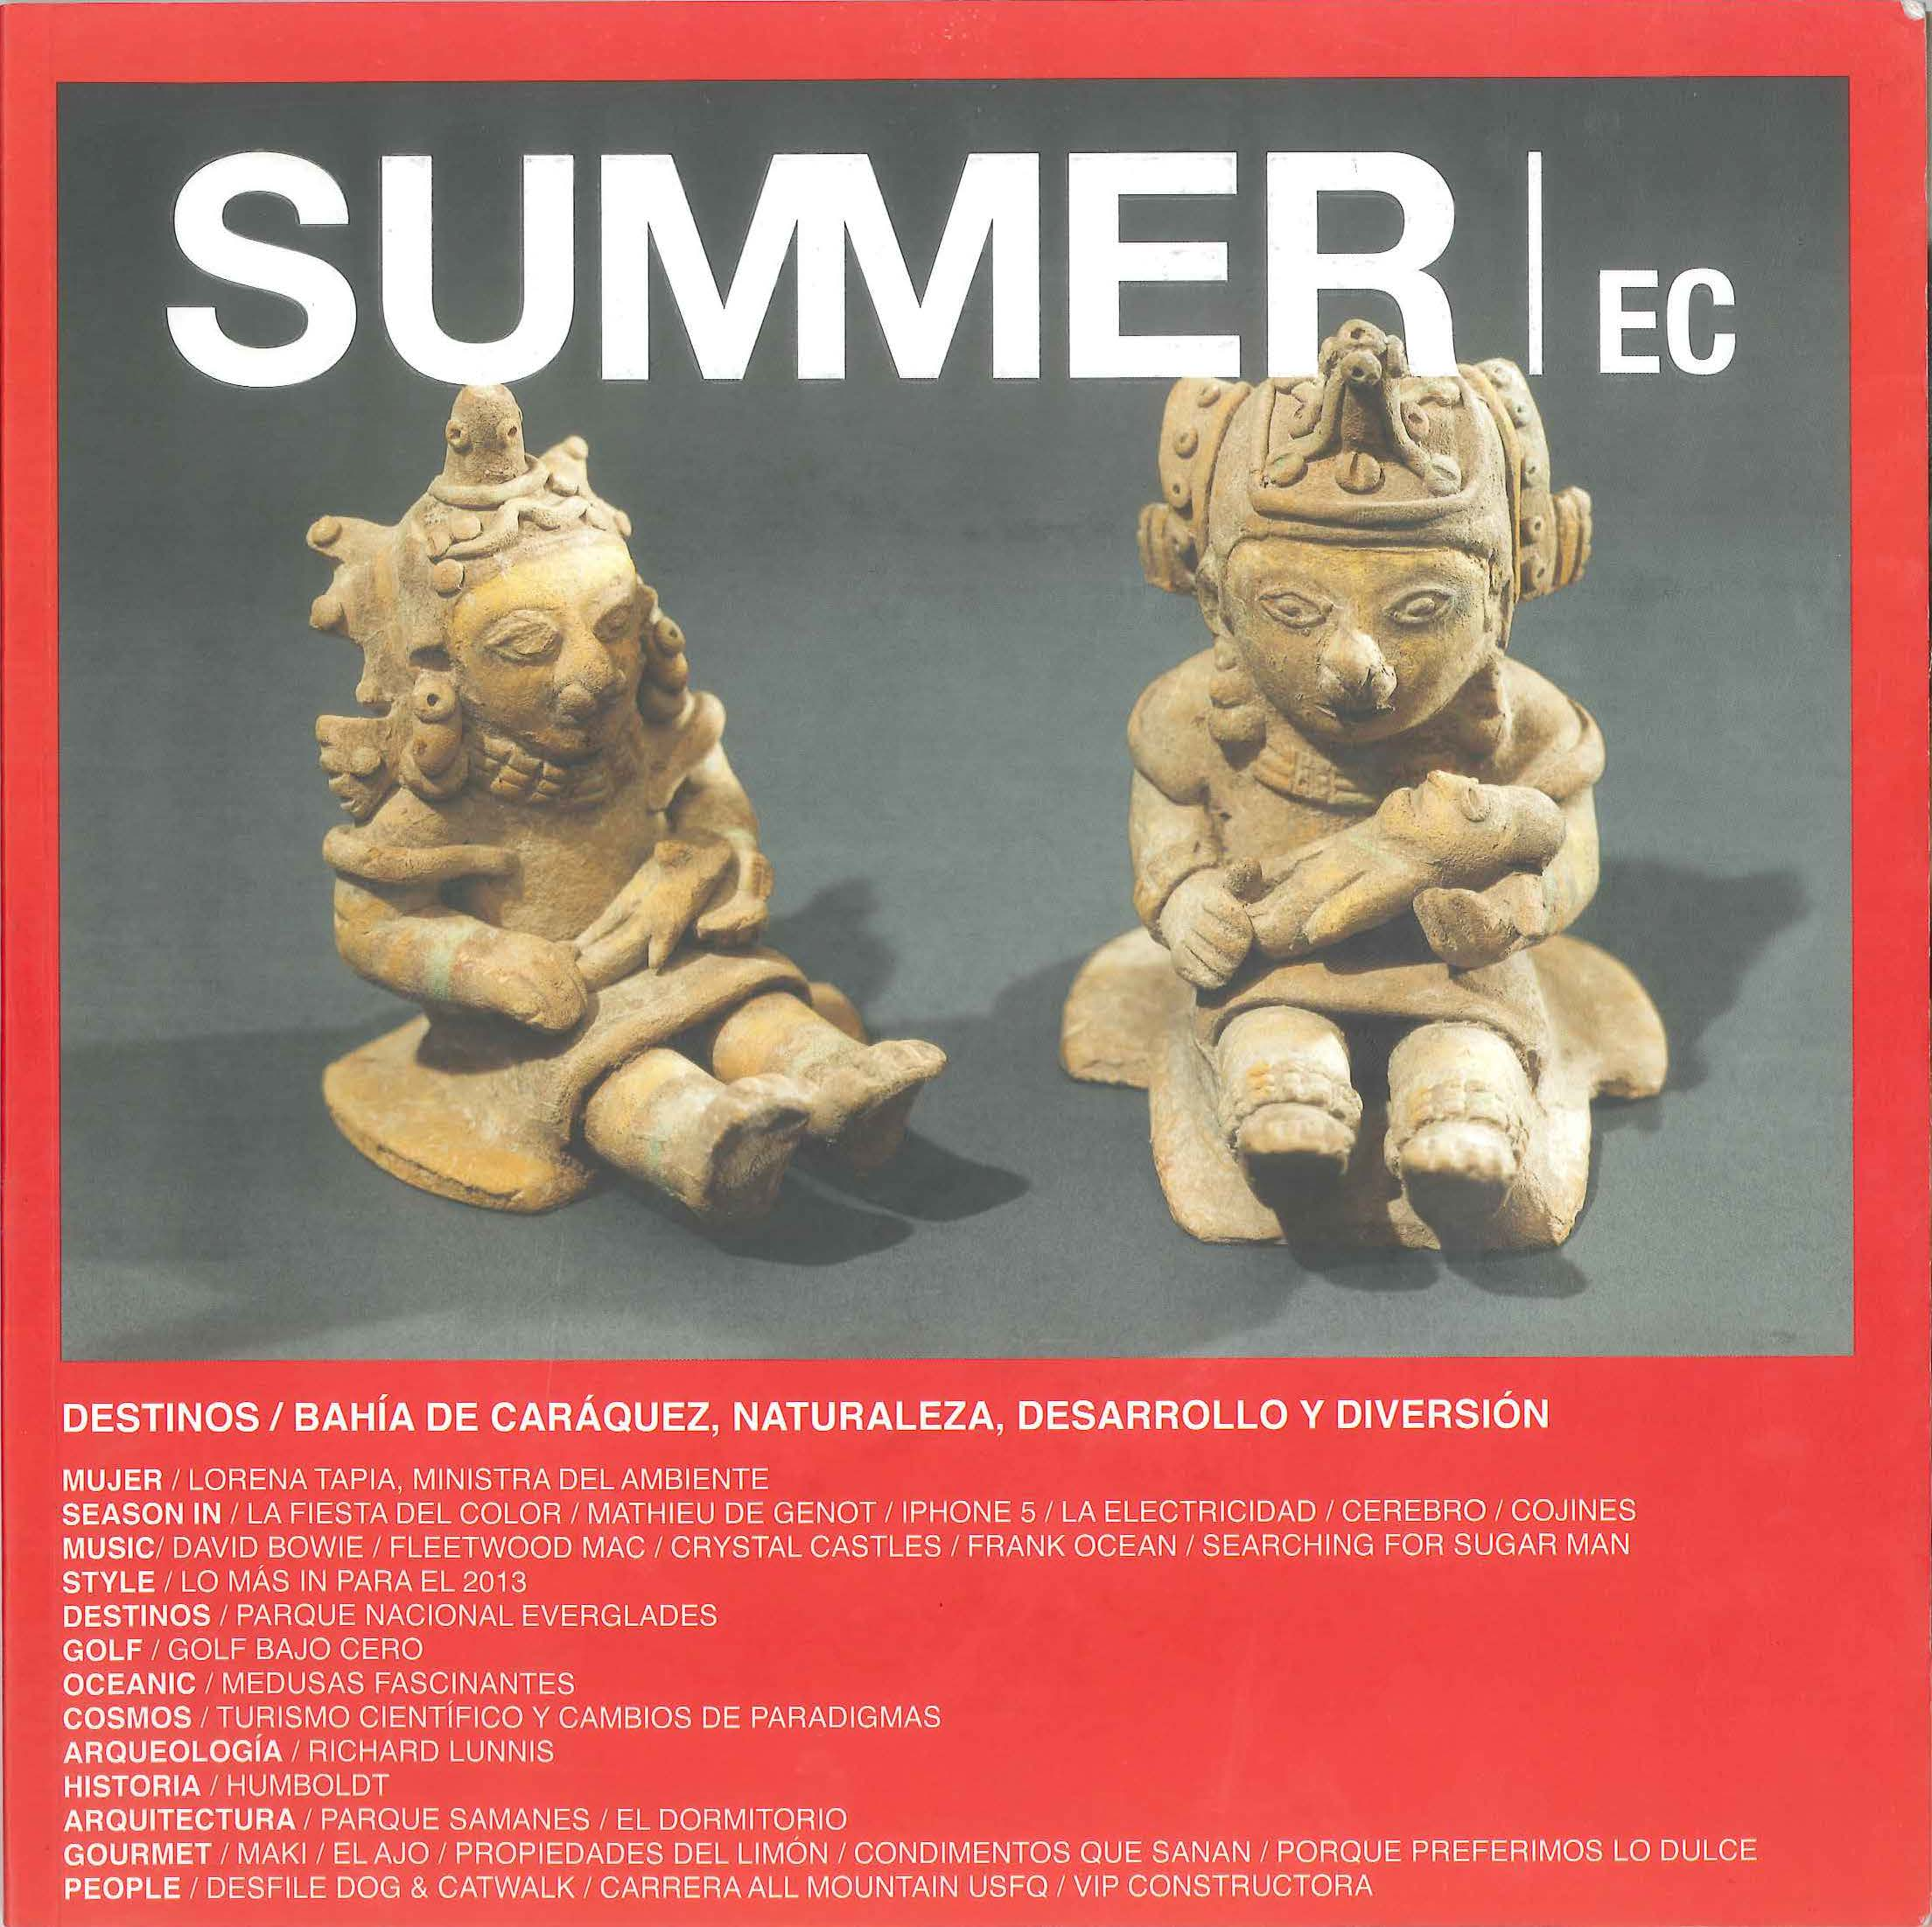 Summer EC